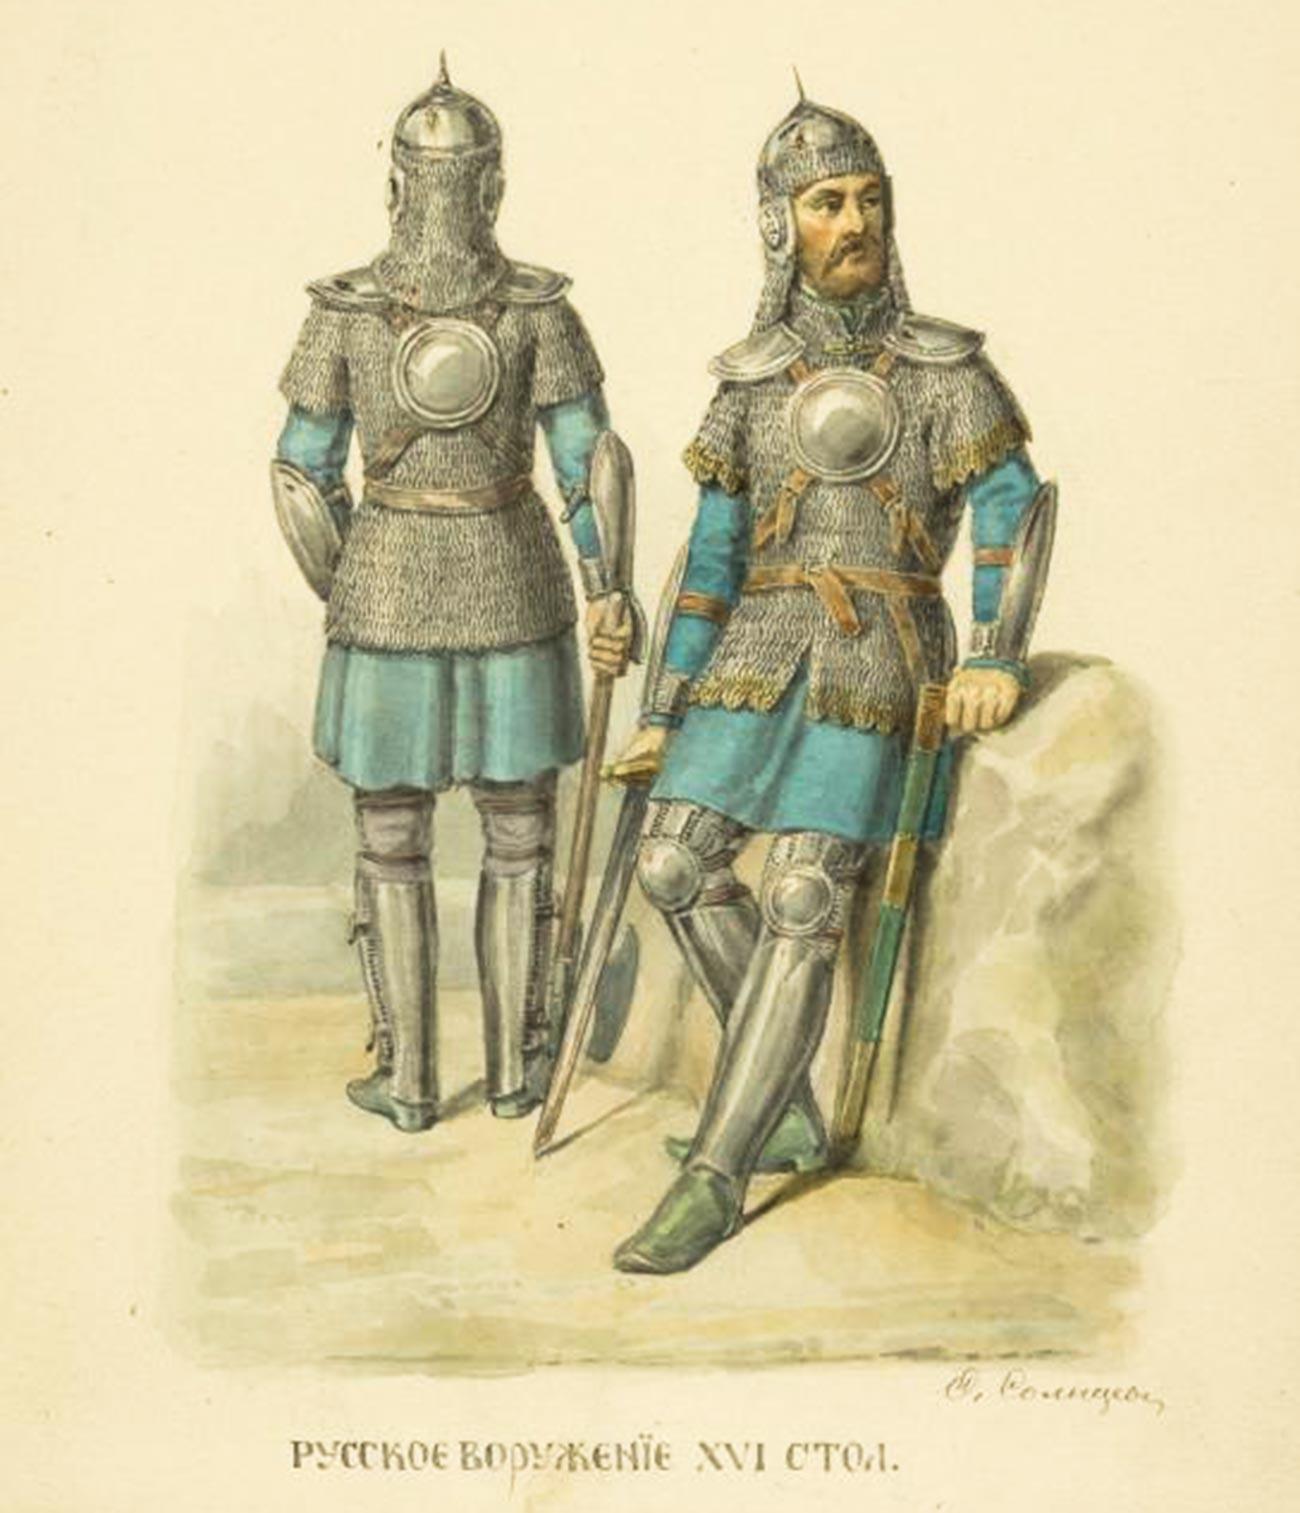 Représentation de l'infanterie russe du XVIe siècle